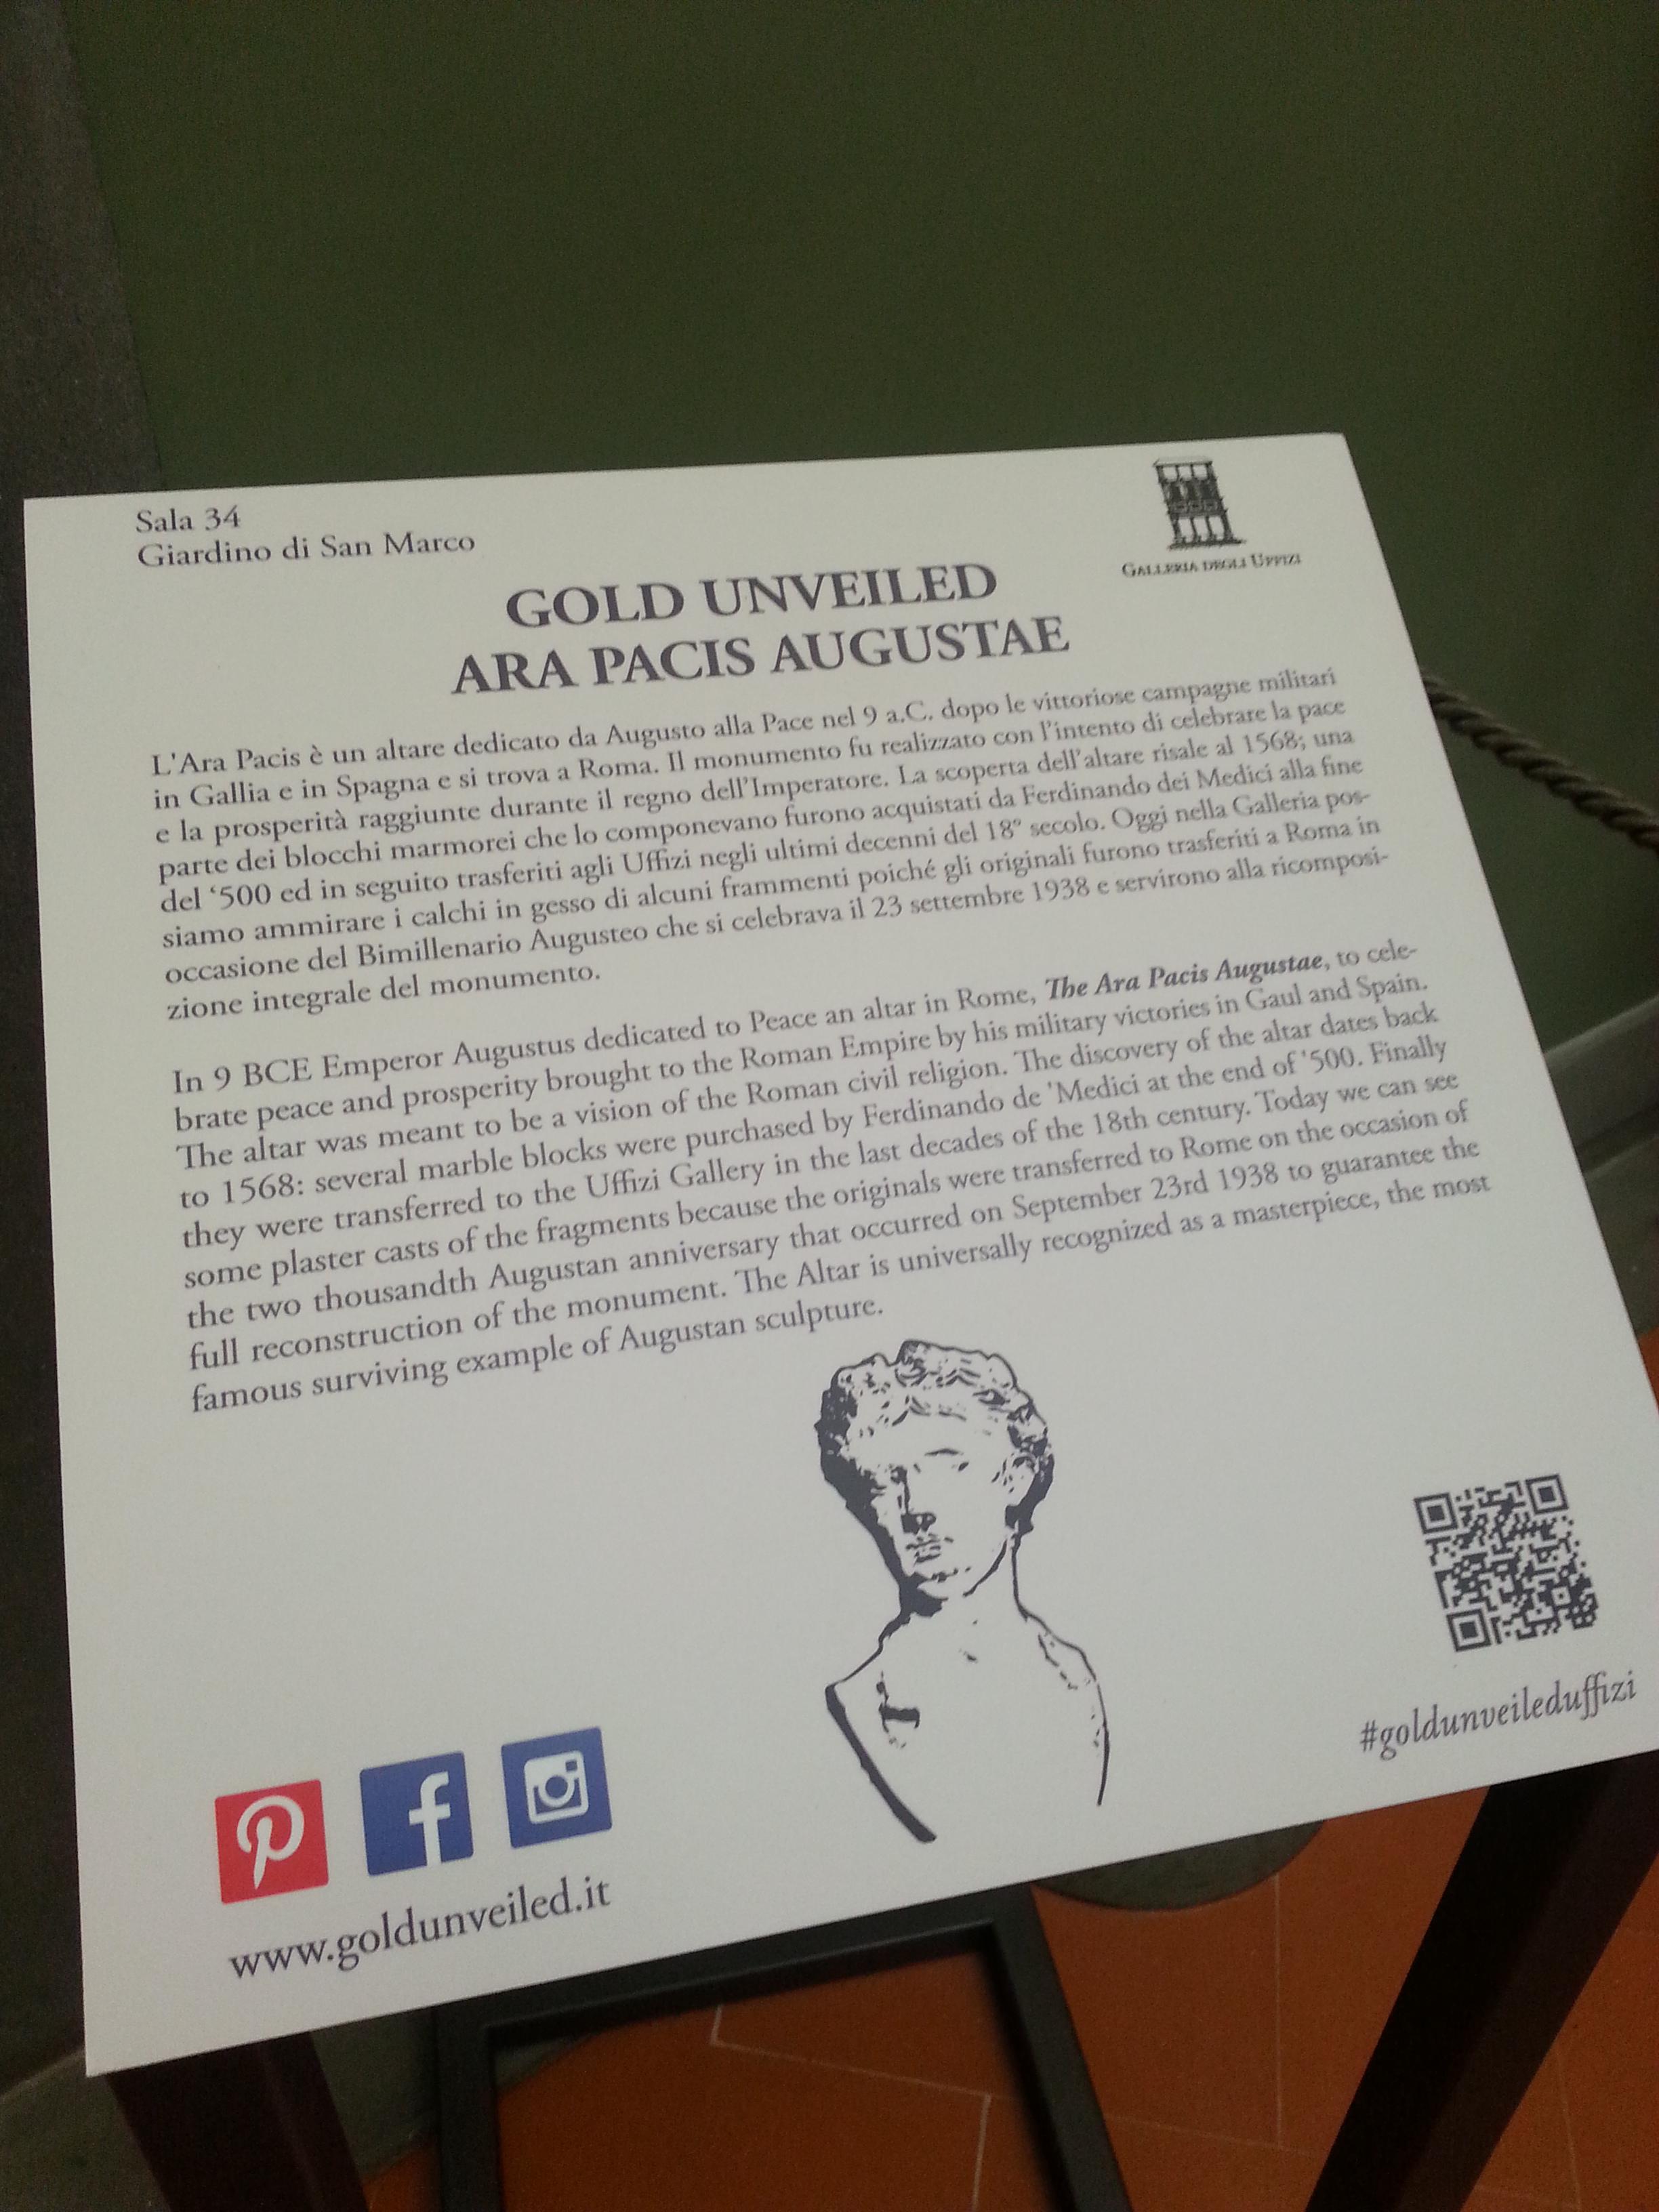 Gold unveiled Uffizi